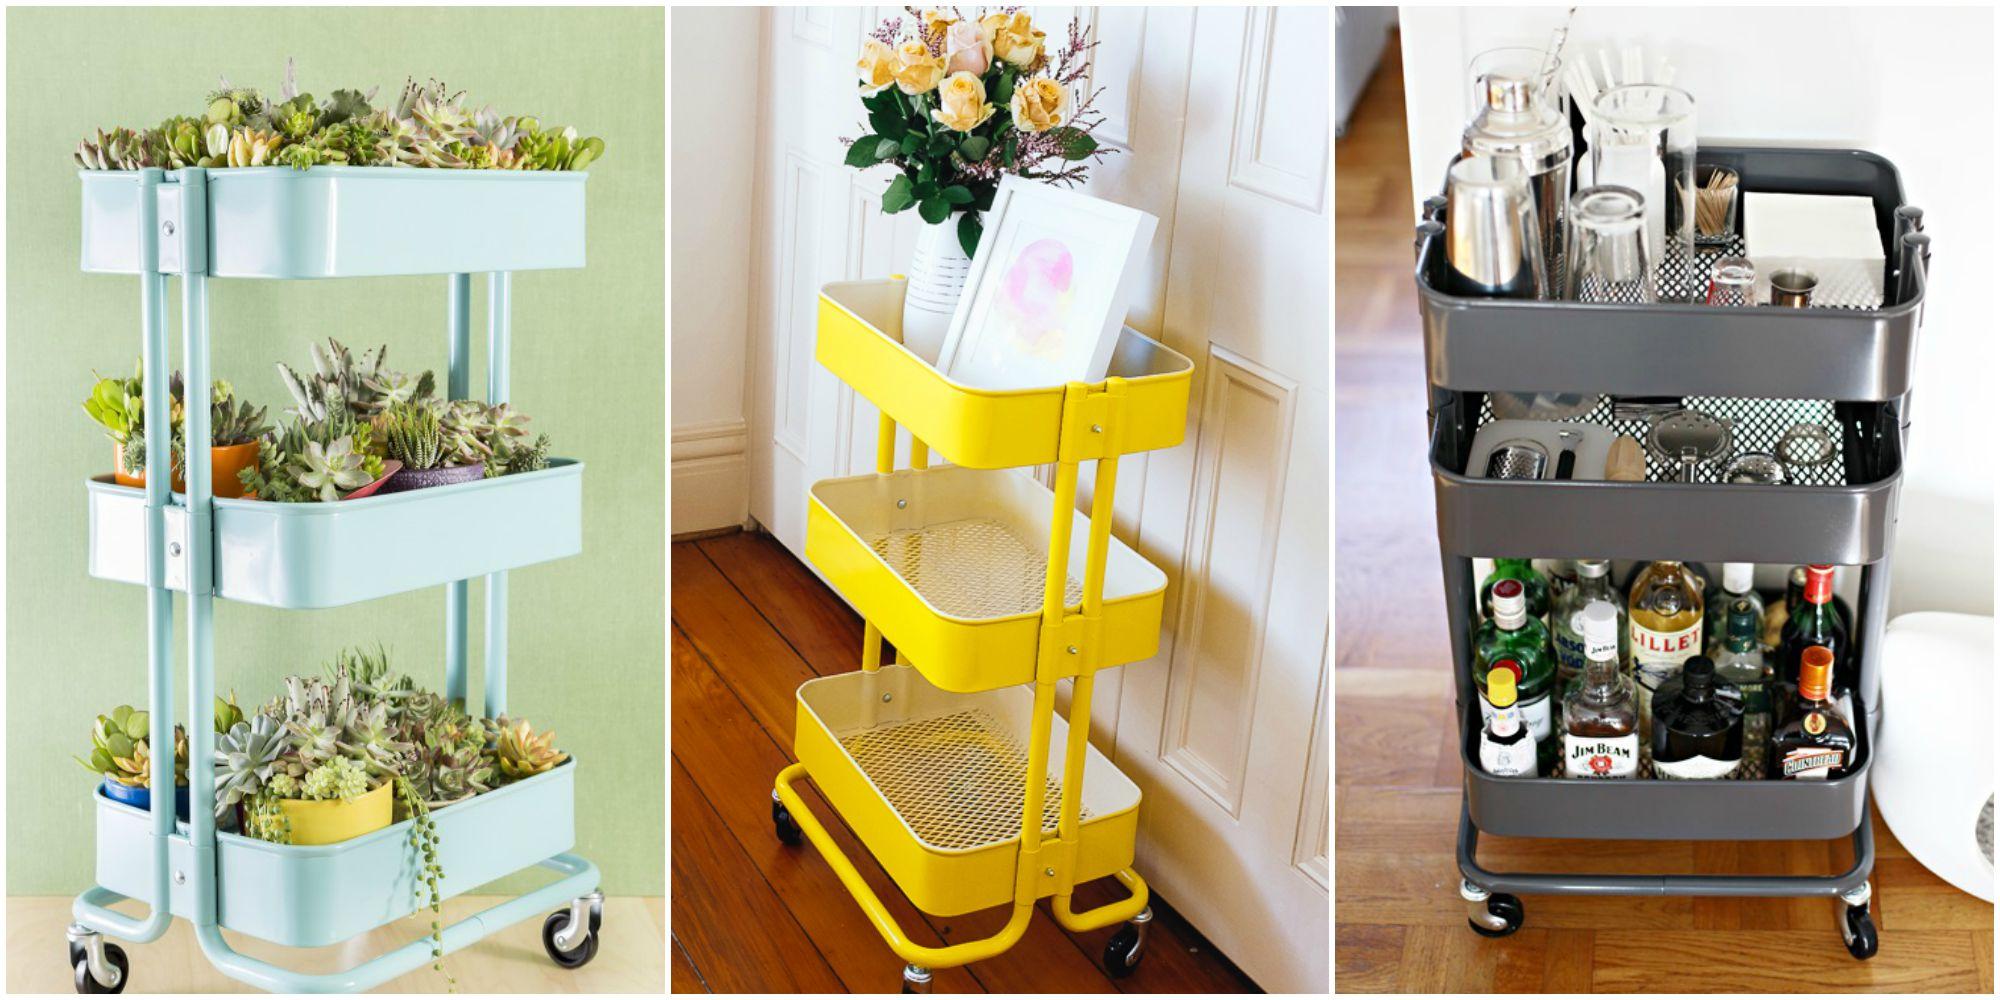 ikea raskog cart ideas raskog ikea hacks. Black Bedroom Furniture Sets. Home Design Ideas